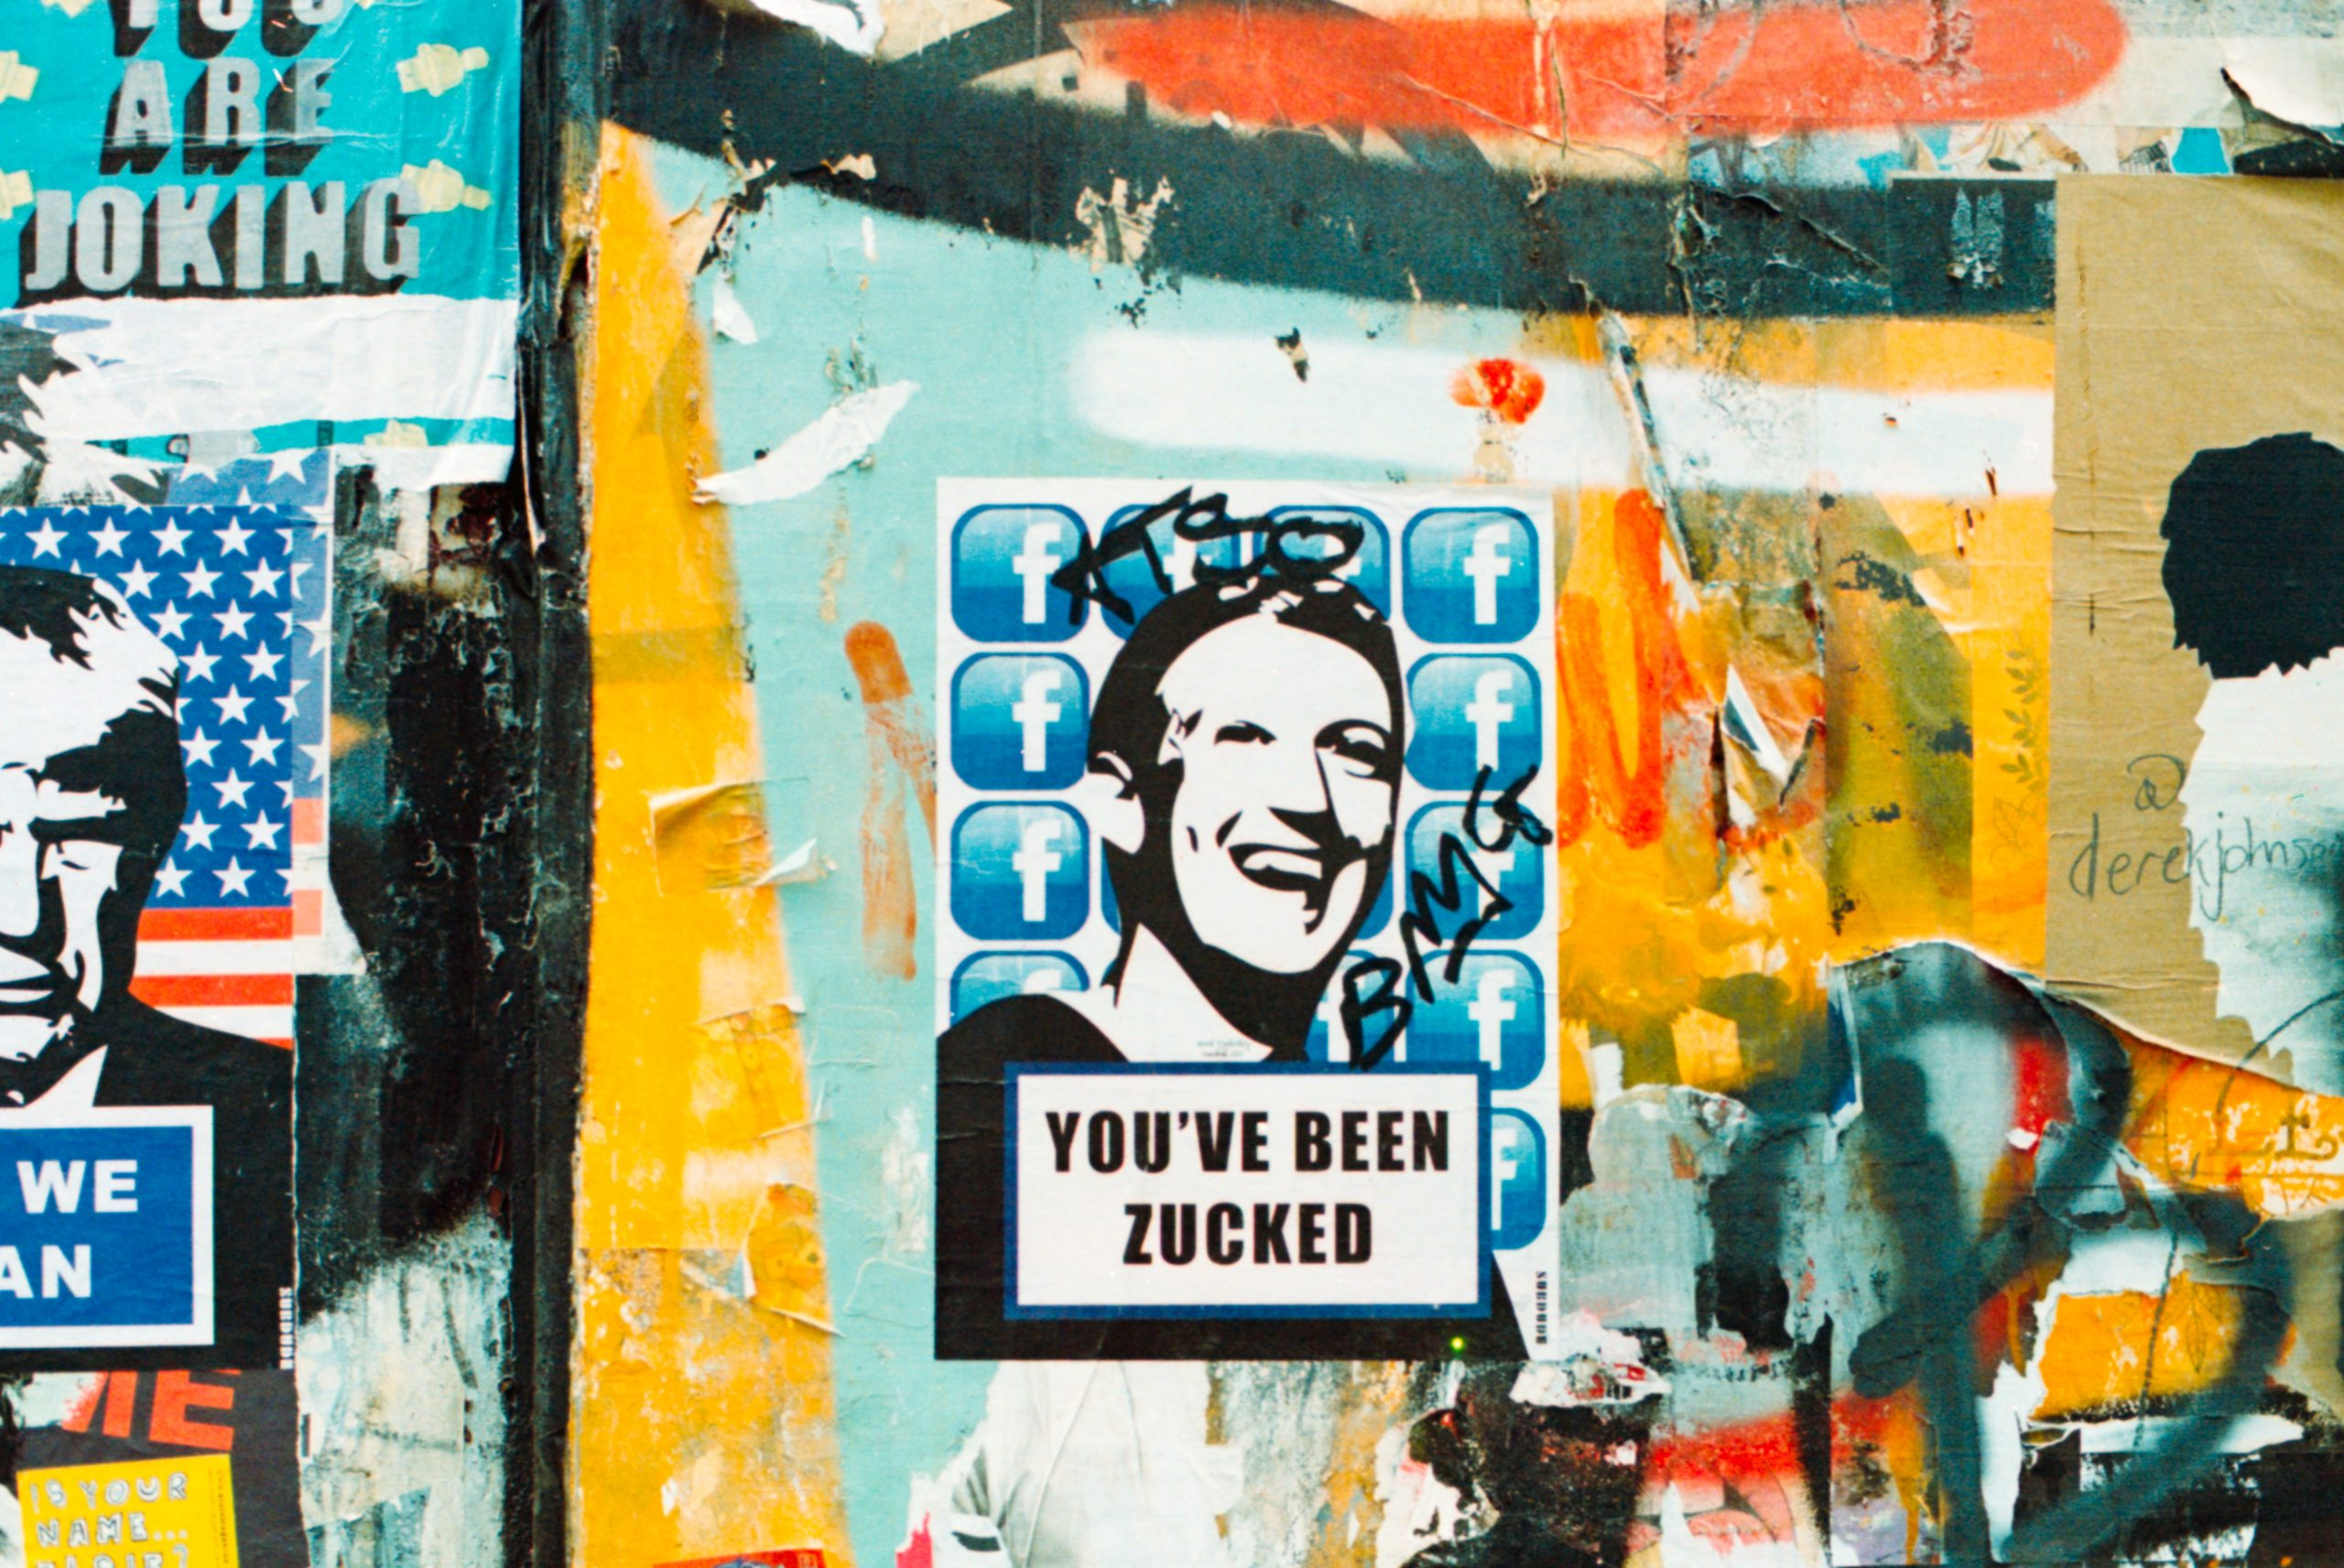 Cambridge Analytica Facebook scandal